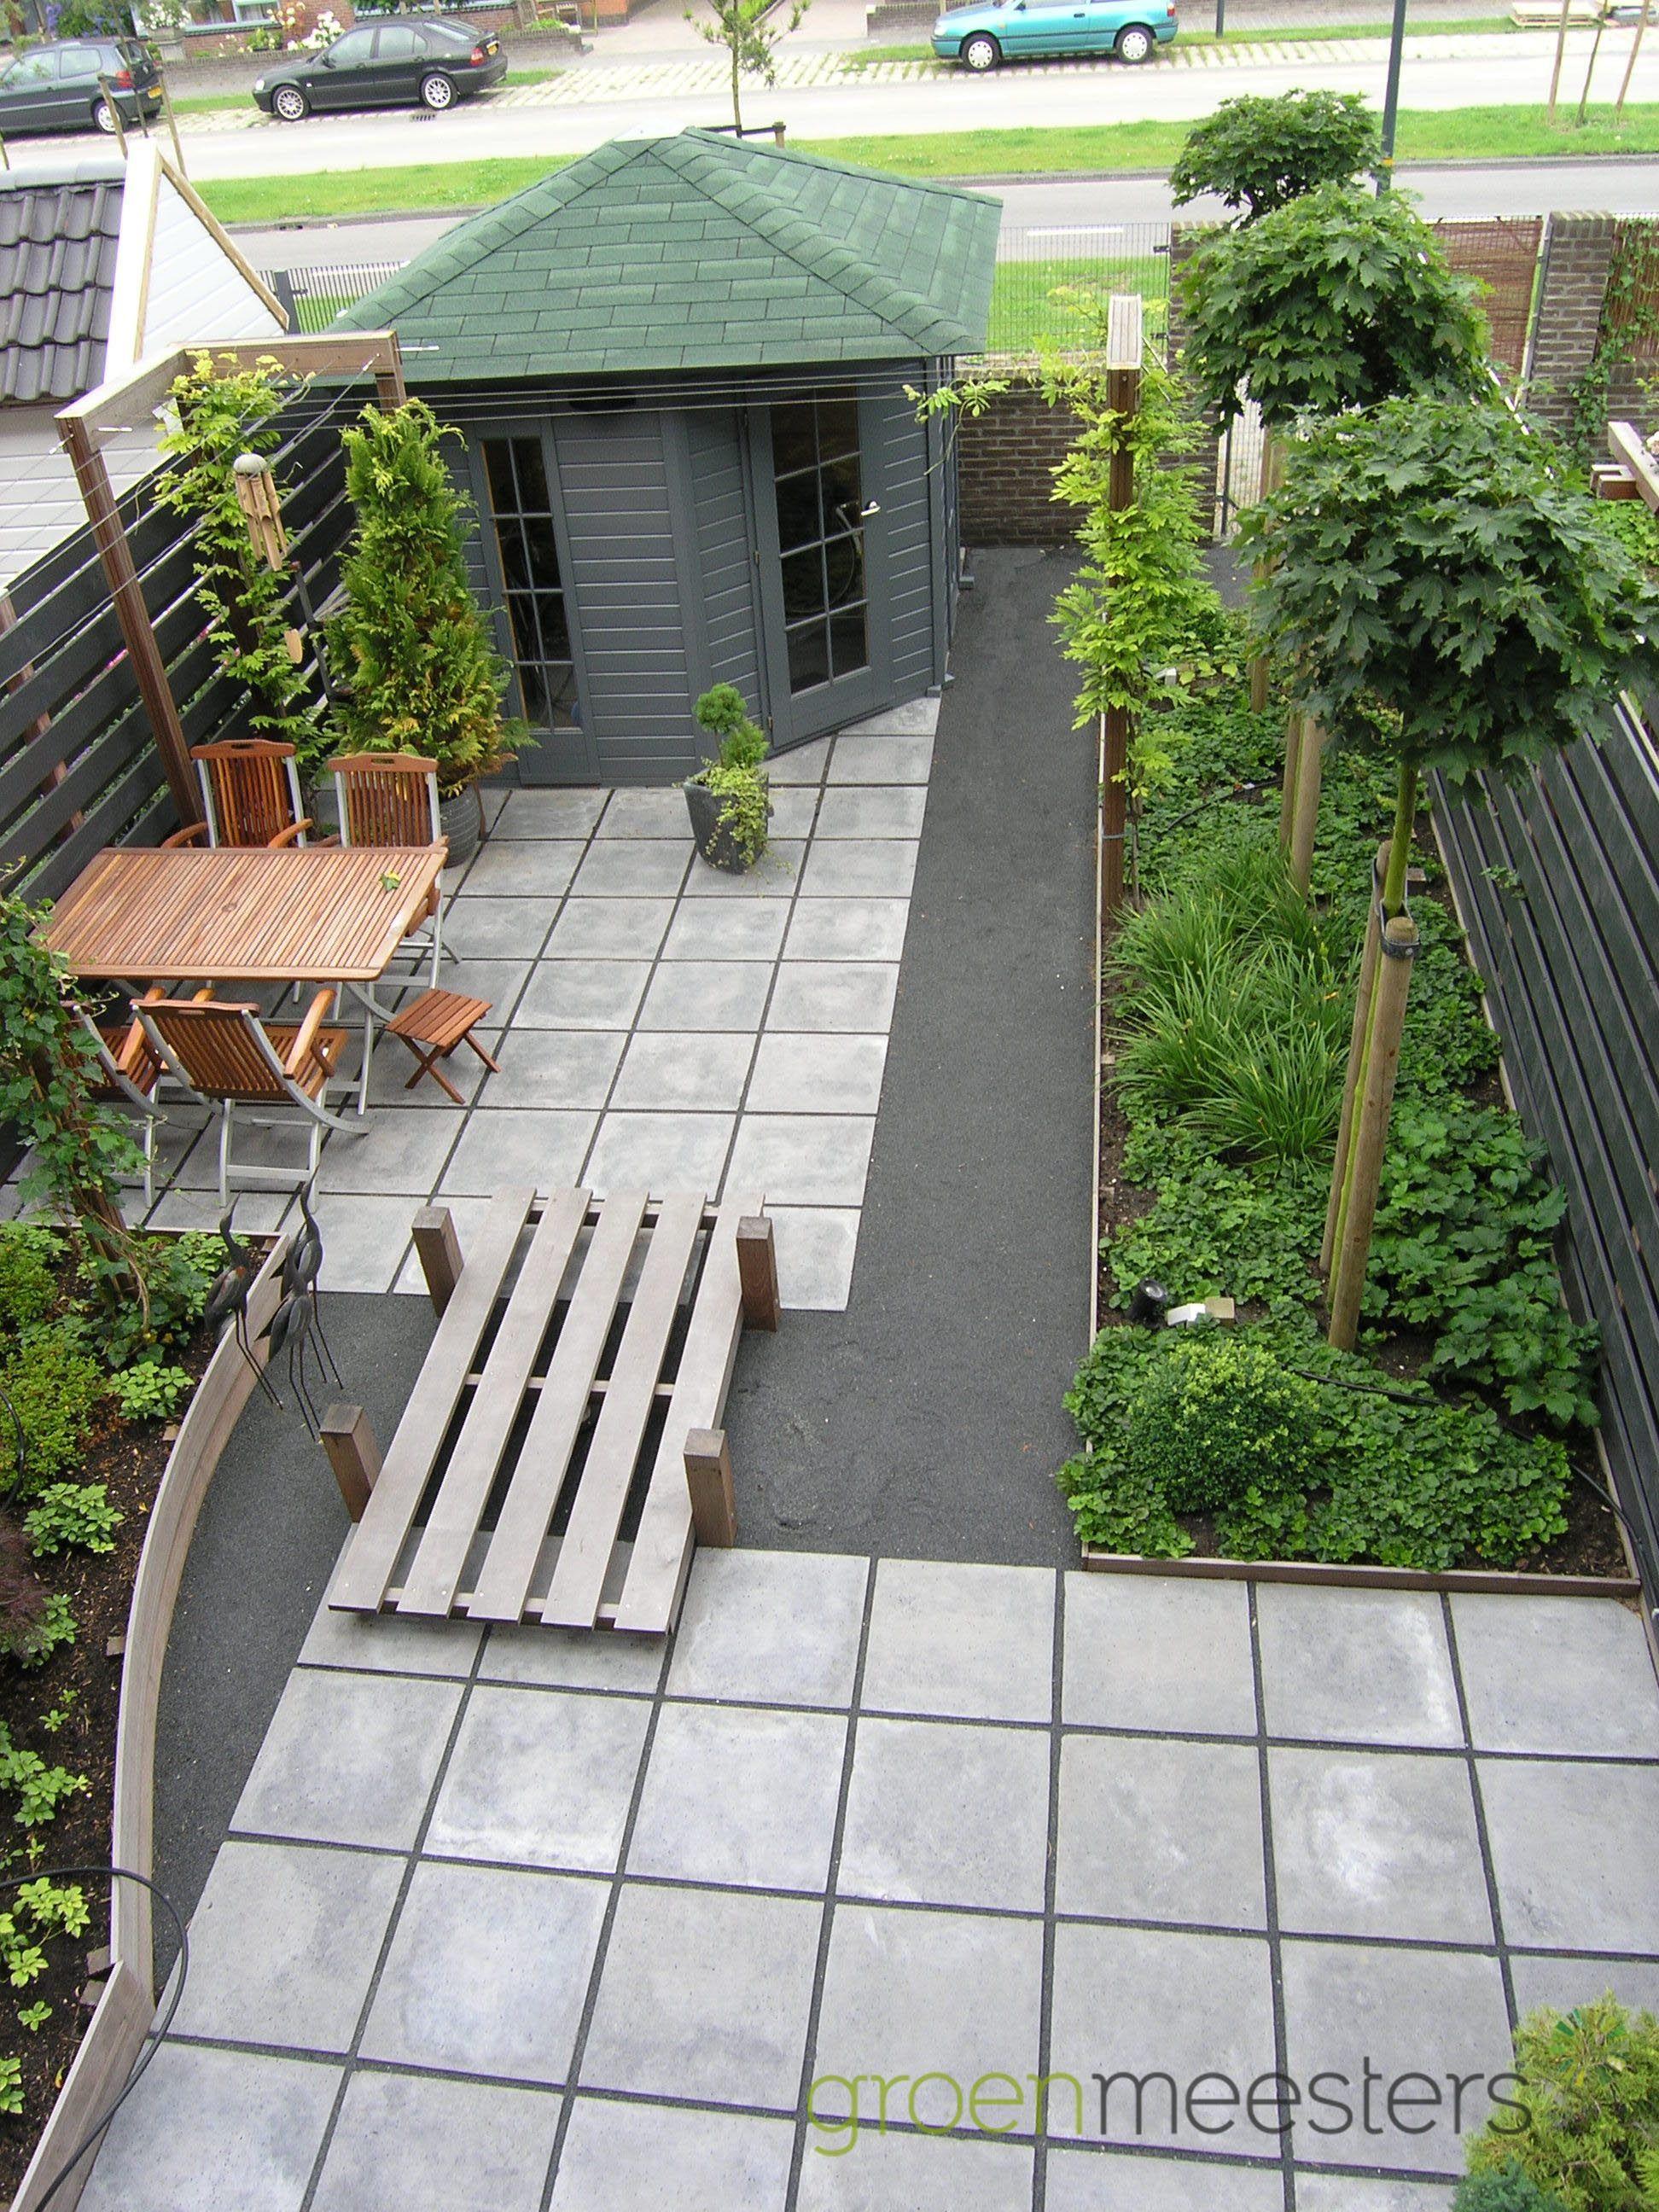 Graniet Tegels Tuin.Tegels Afgewisseld Met Graniet Split Bestrating Tuin Ontwerp